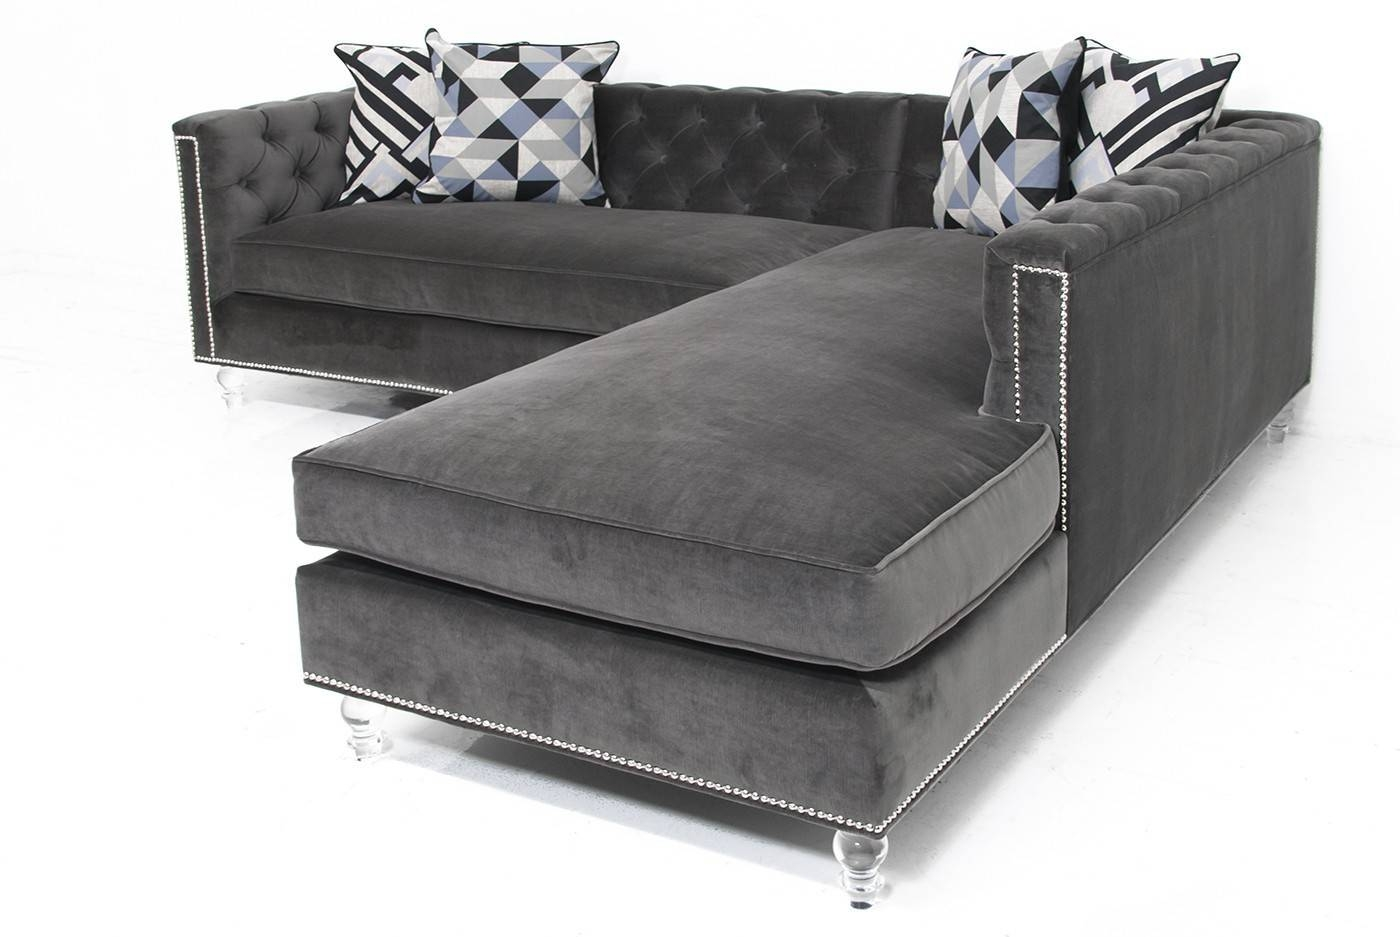 Velvet Tufted Sectional Sofa | Tehranmix Decoration with regard to Tufted Sectional Sofa Chaise (Image 25 of 25)